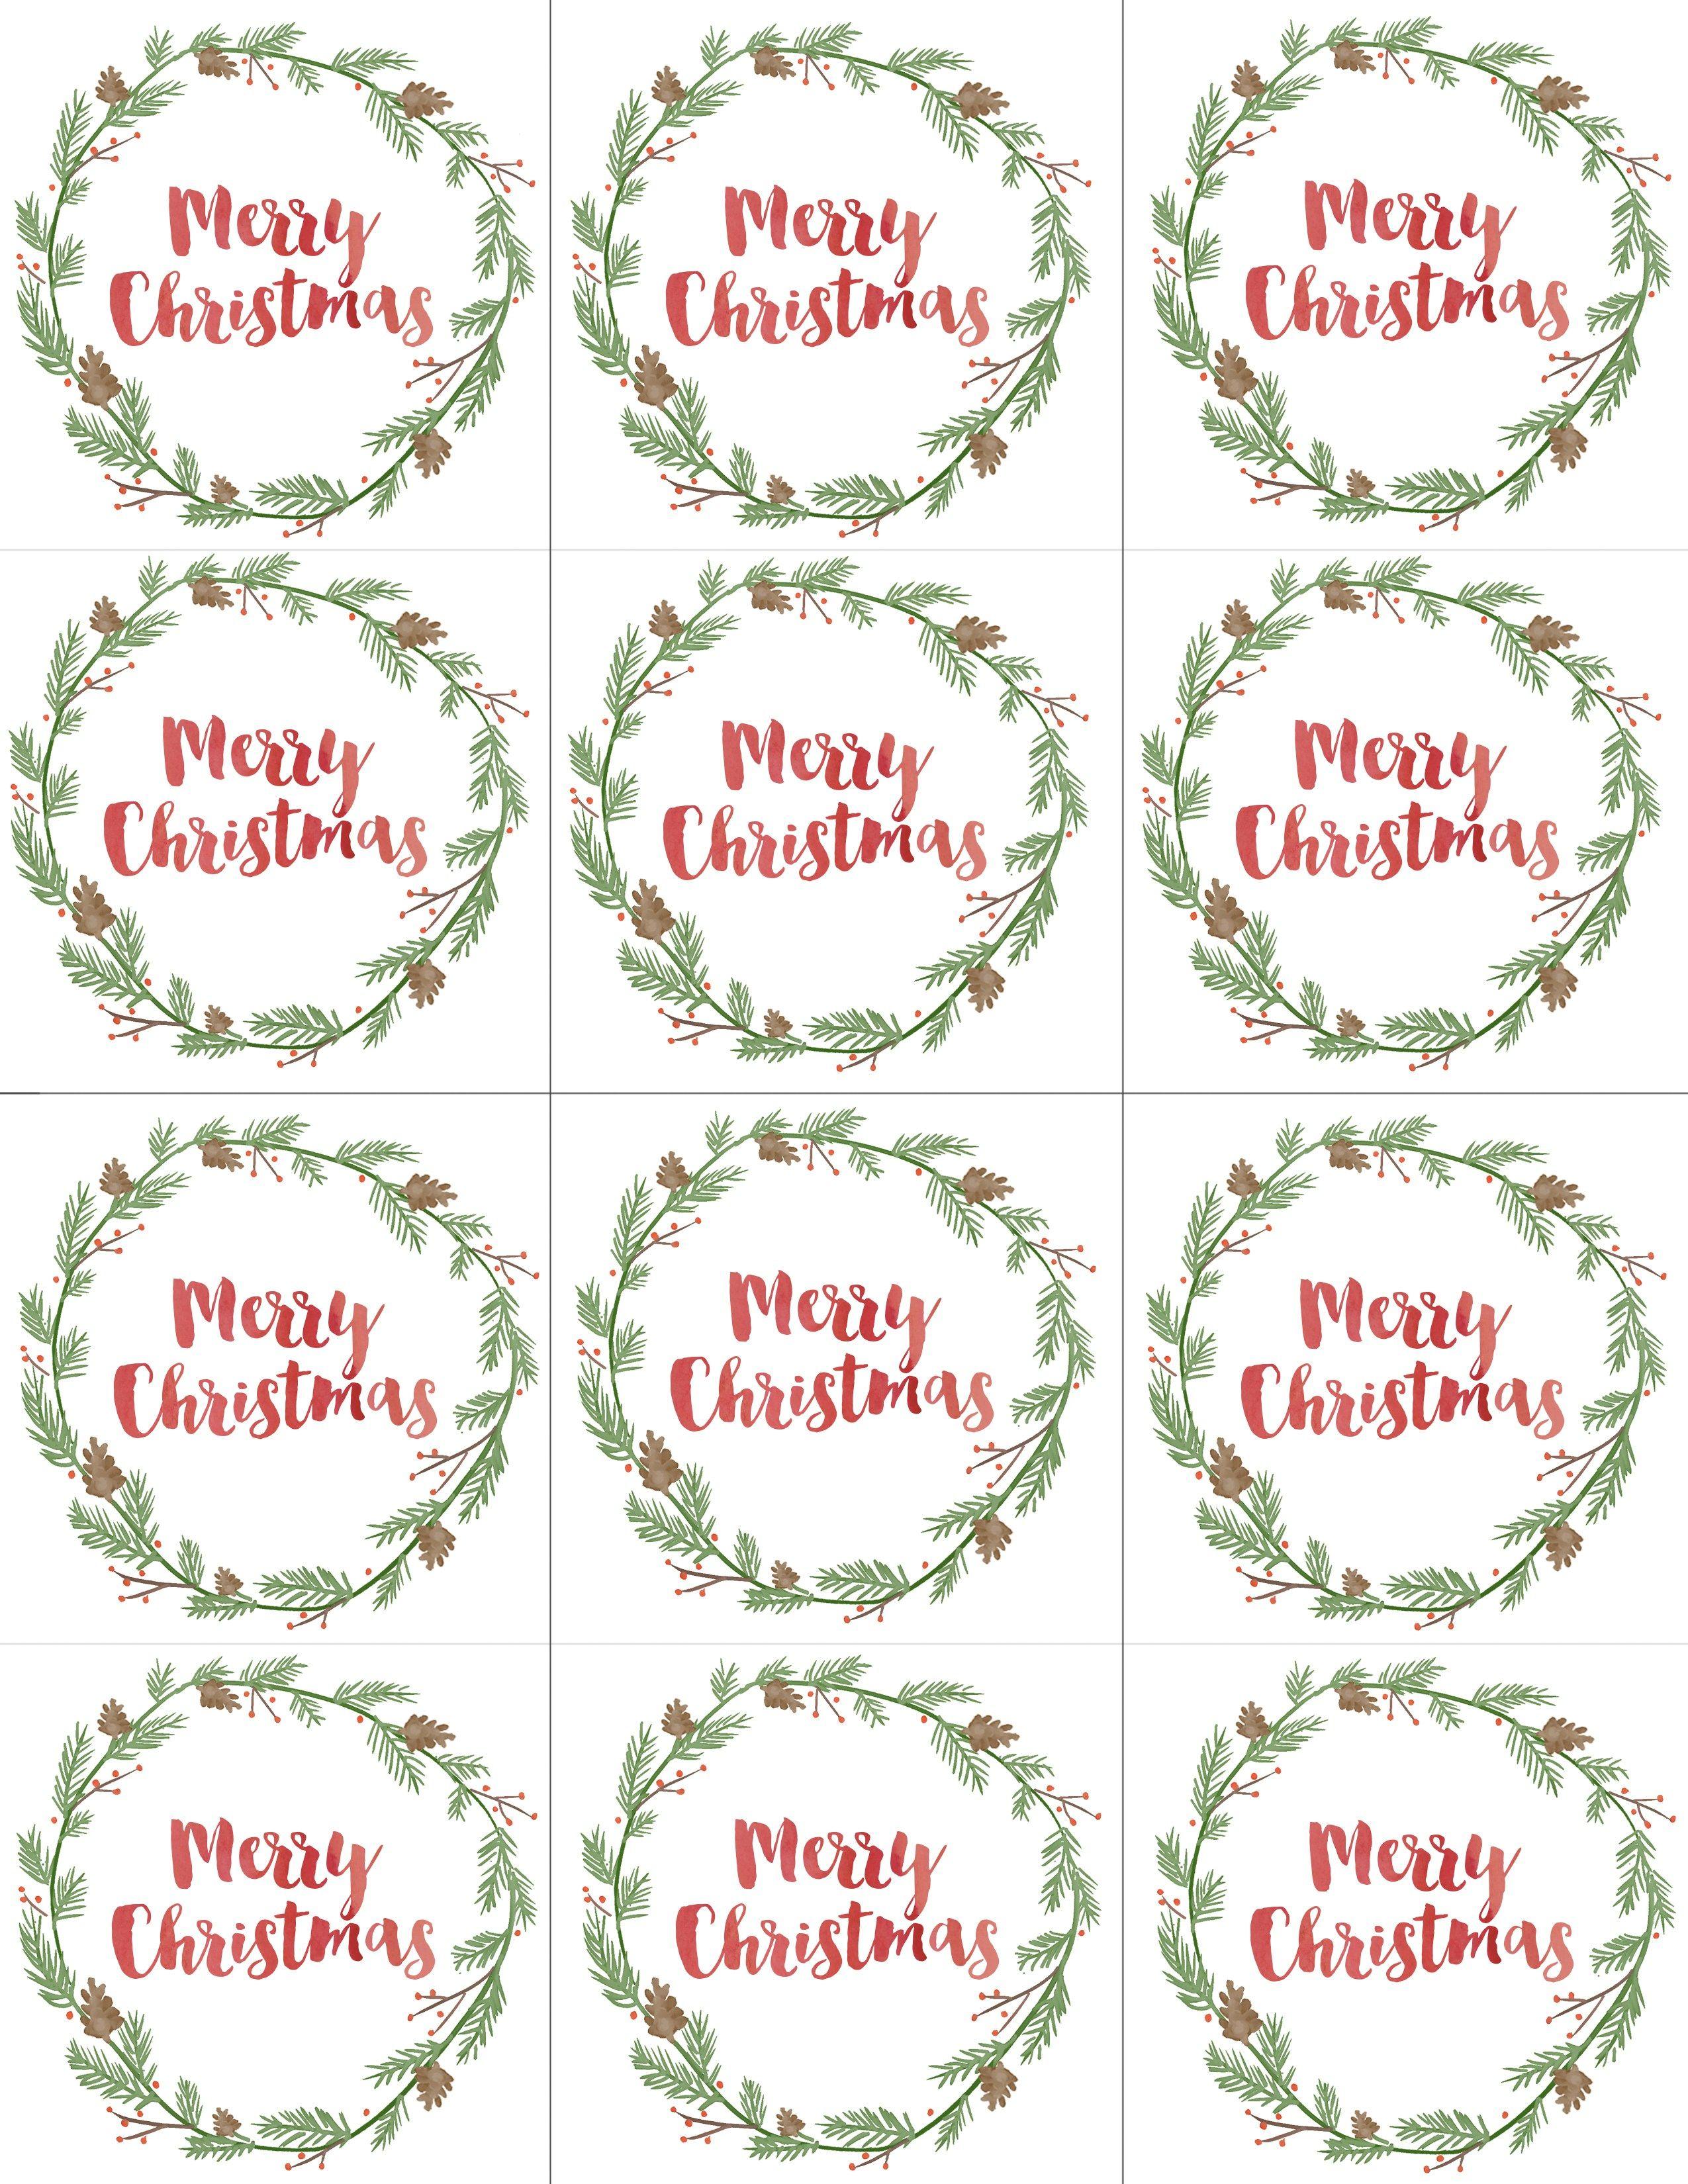 Free Printable Merry Christmas Gift Tags Christmas Gift